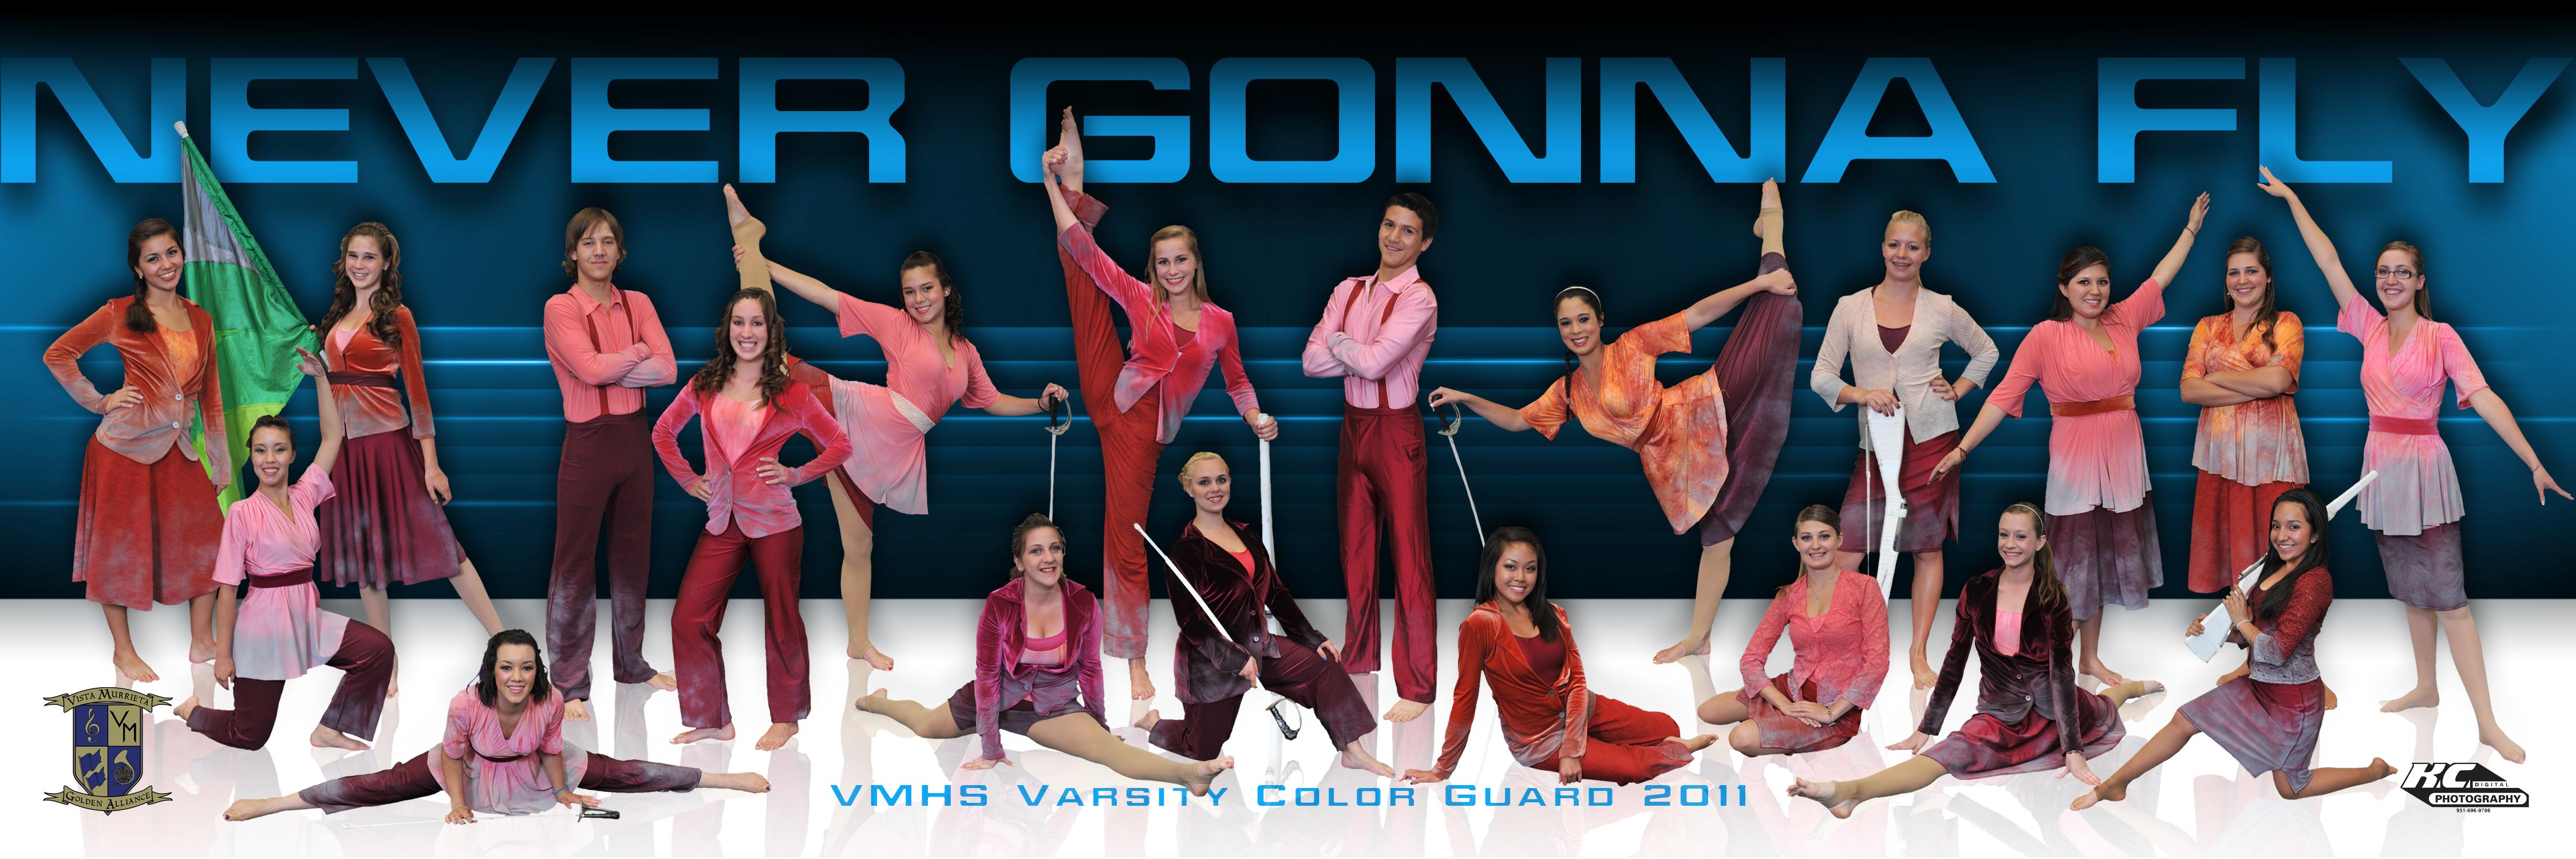 VMHS Varsity Guard 2011